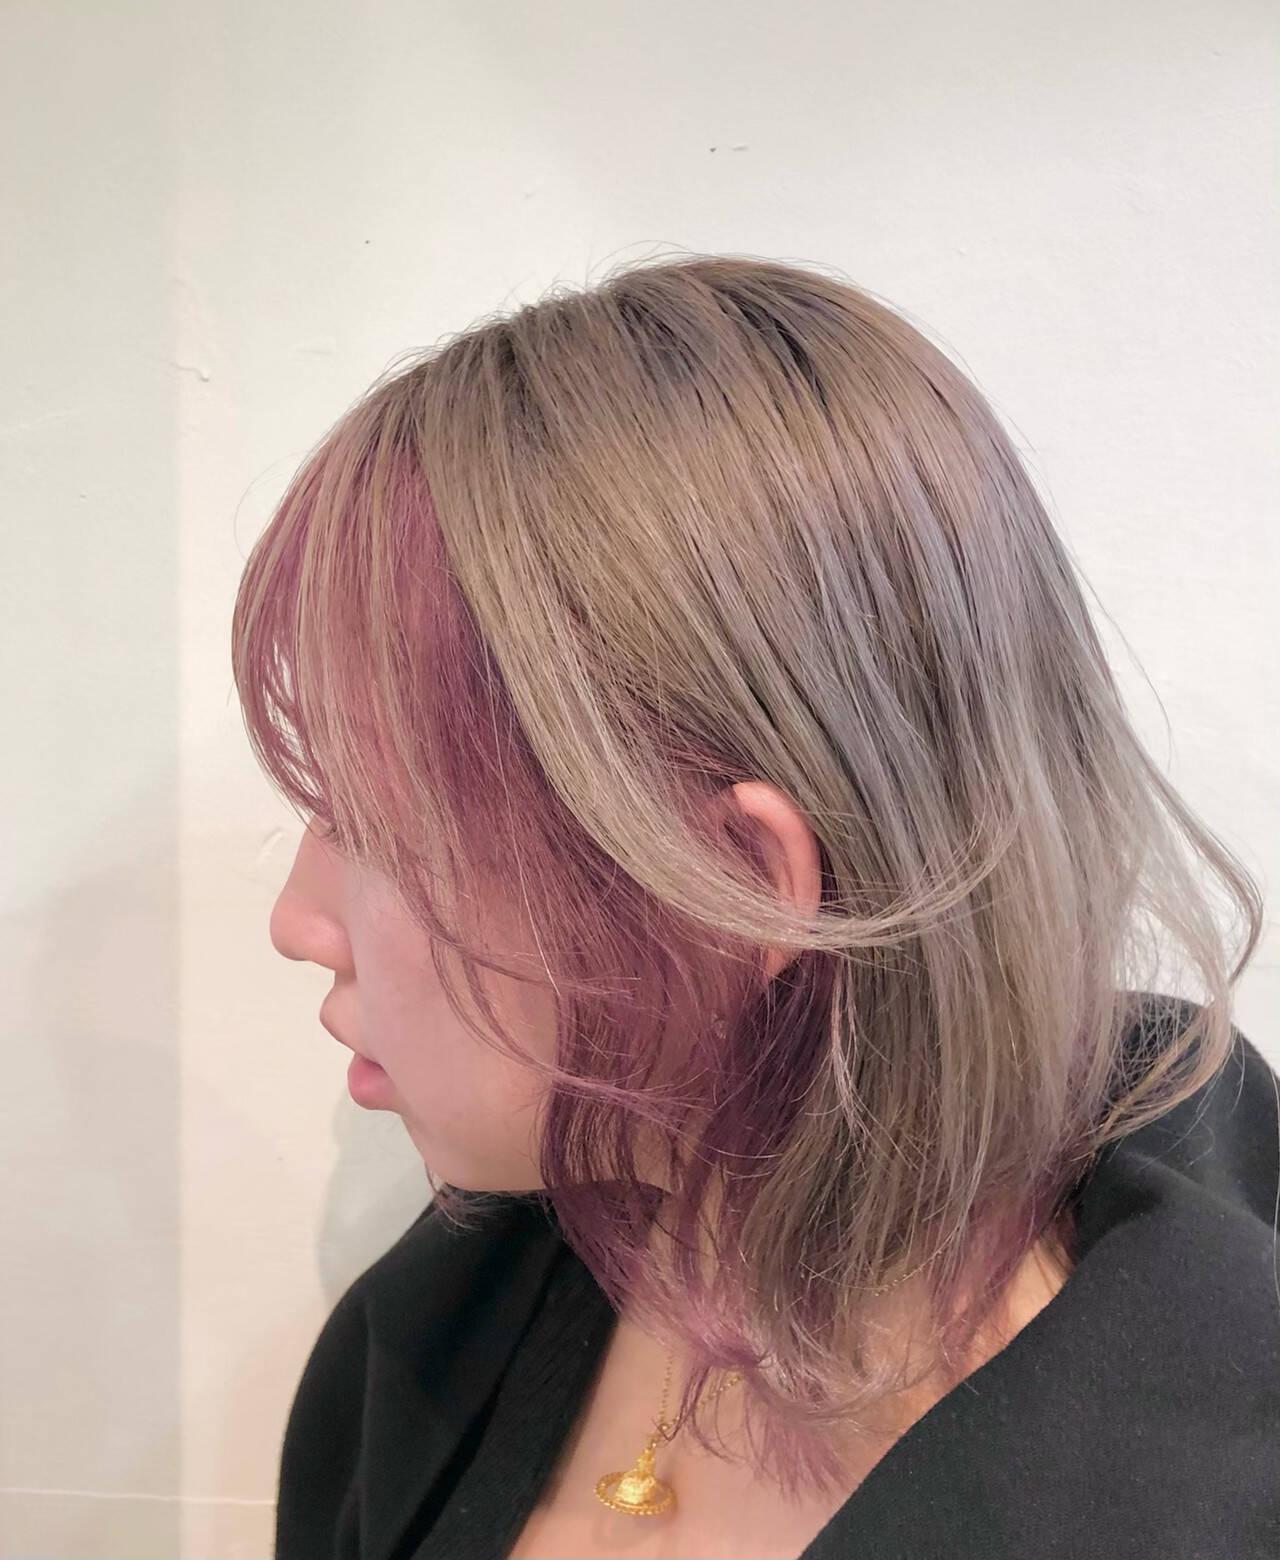 ナチュラル ボブ バレイヤージュ ハイトーンカラーヘアスタイルや髪型の写真・画像